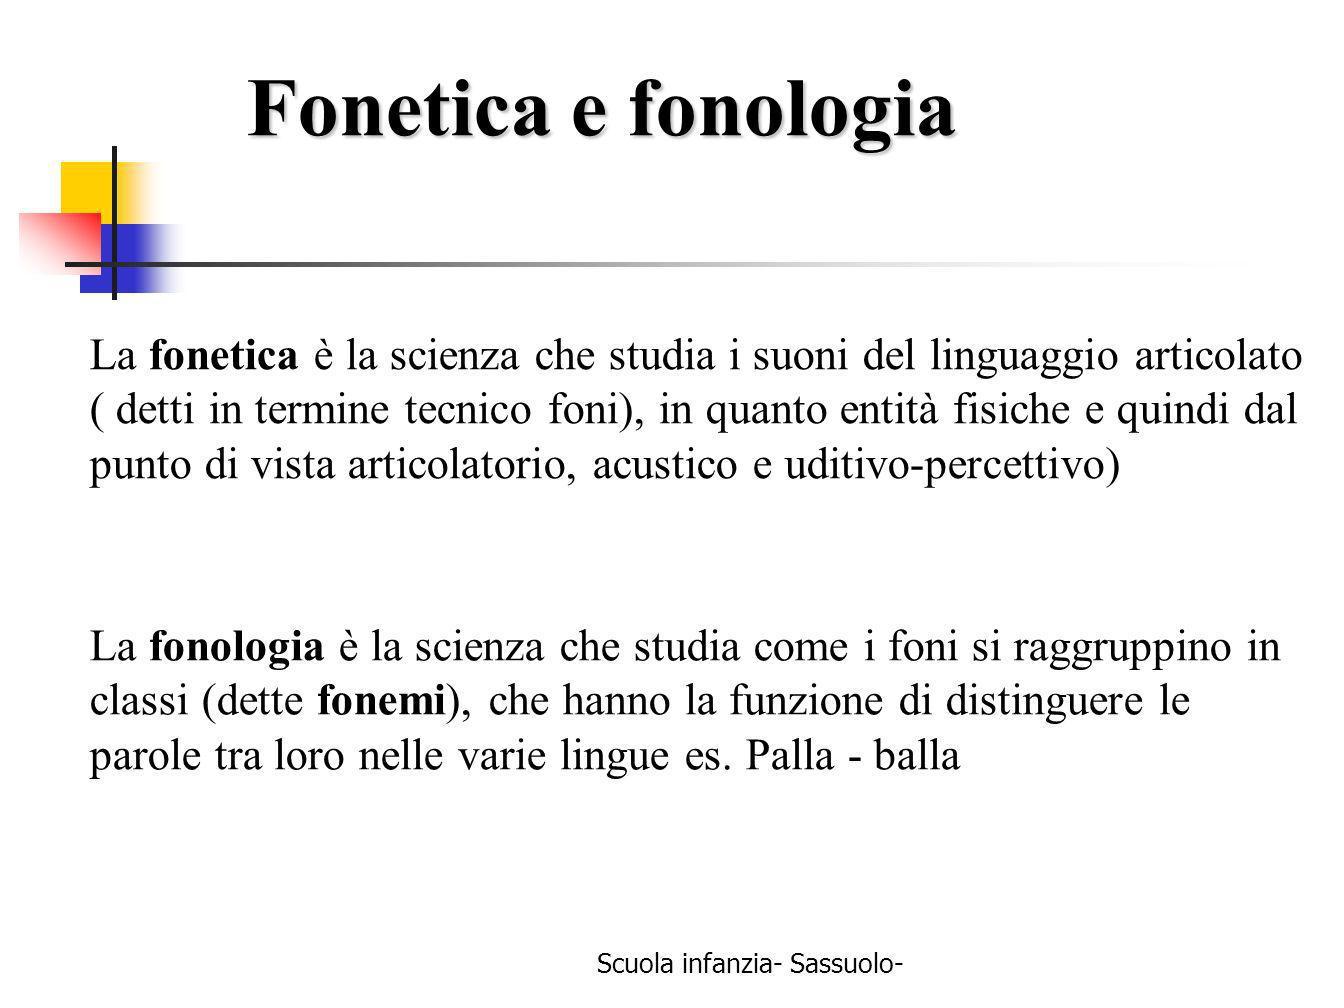 Scuola infanzia- Sassuolo- Fonetica e fonologia La fonetica è la scienza che studia i suoni del linguaggio articolato ( detti in termine tecnico foni)